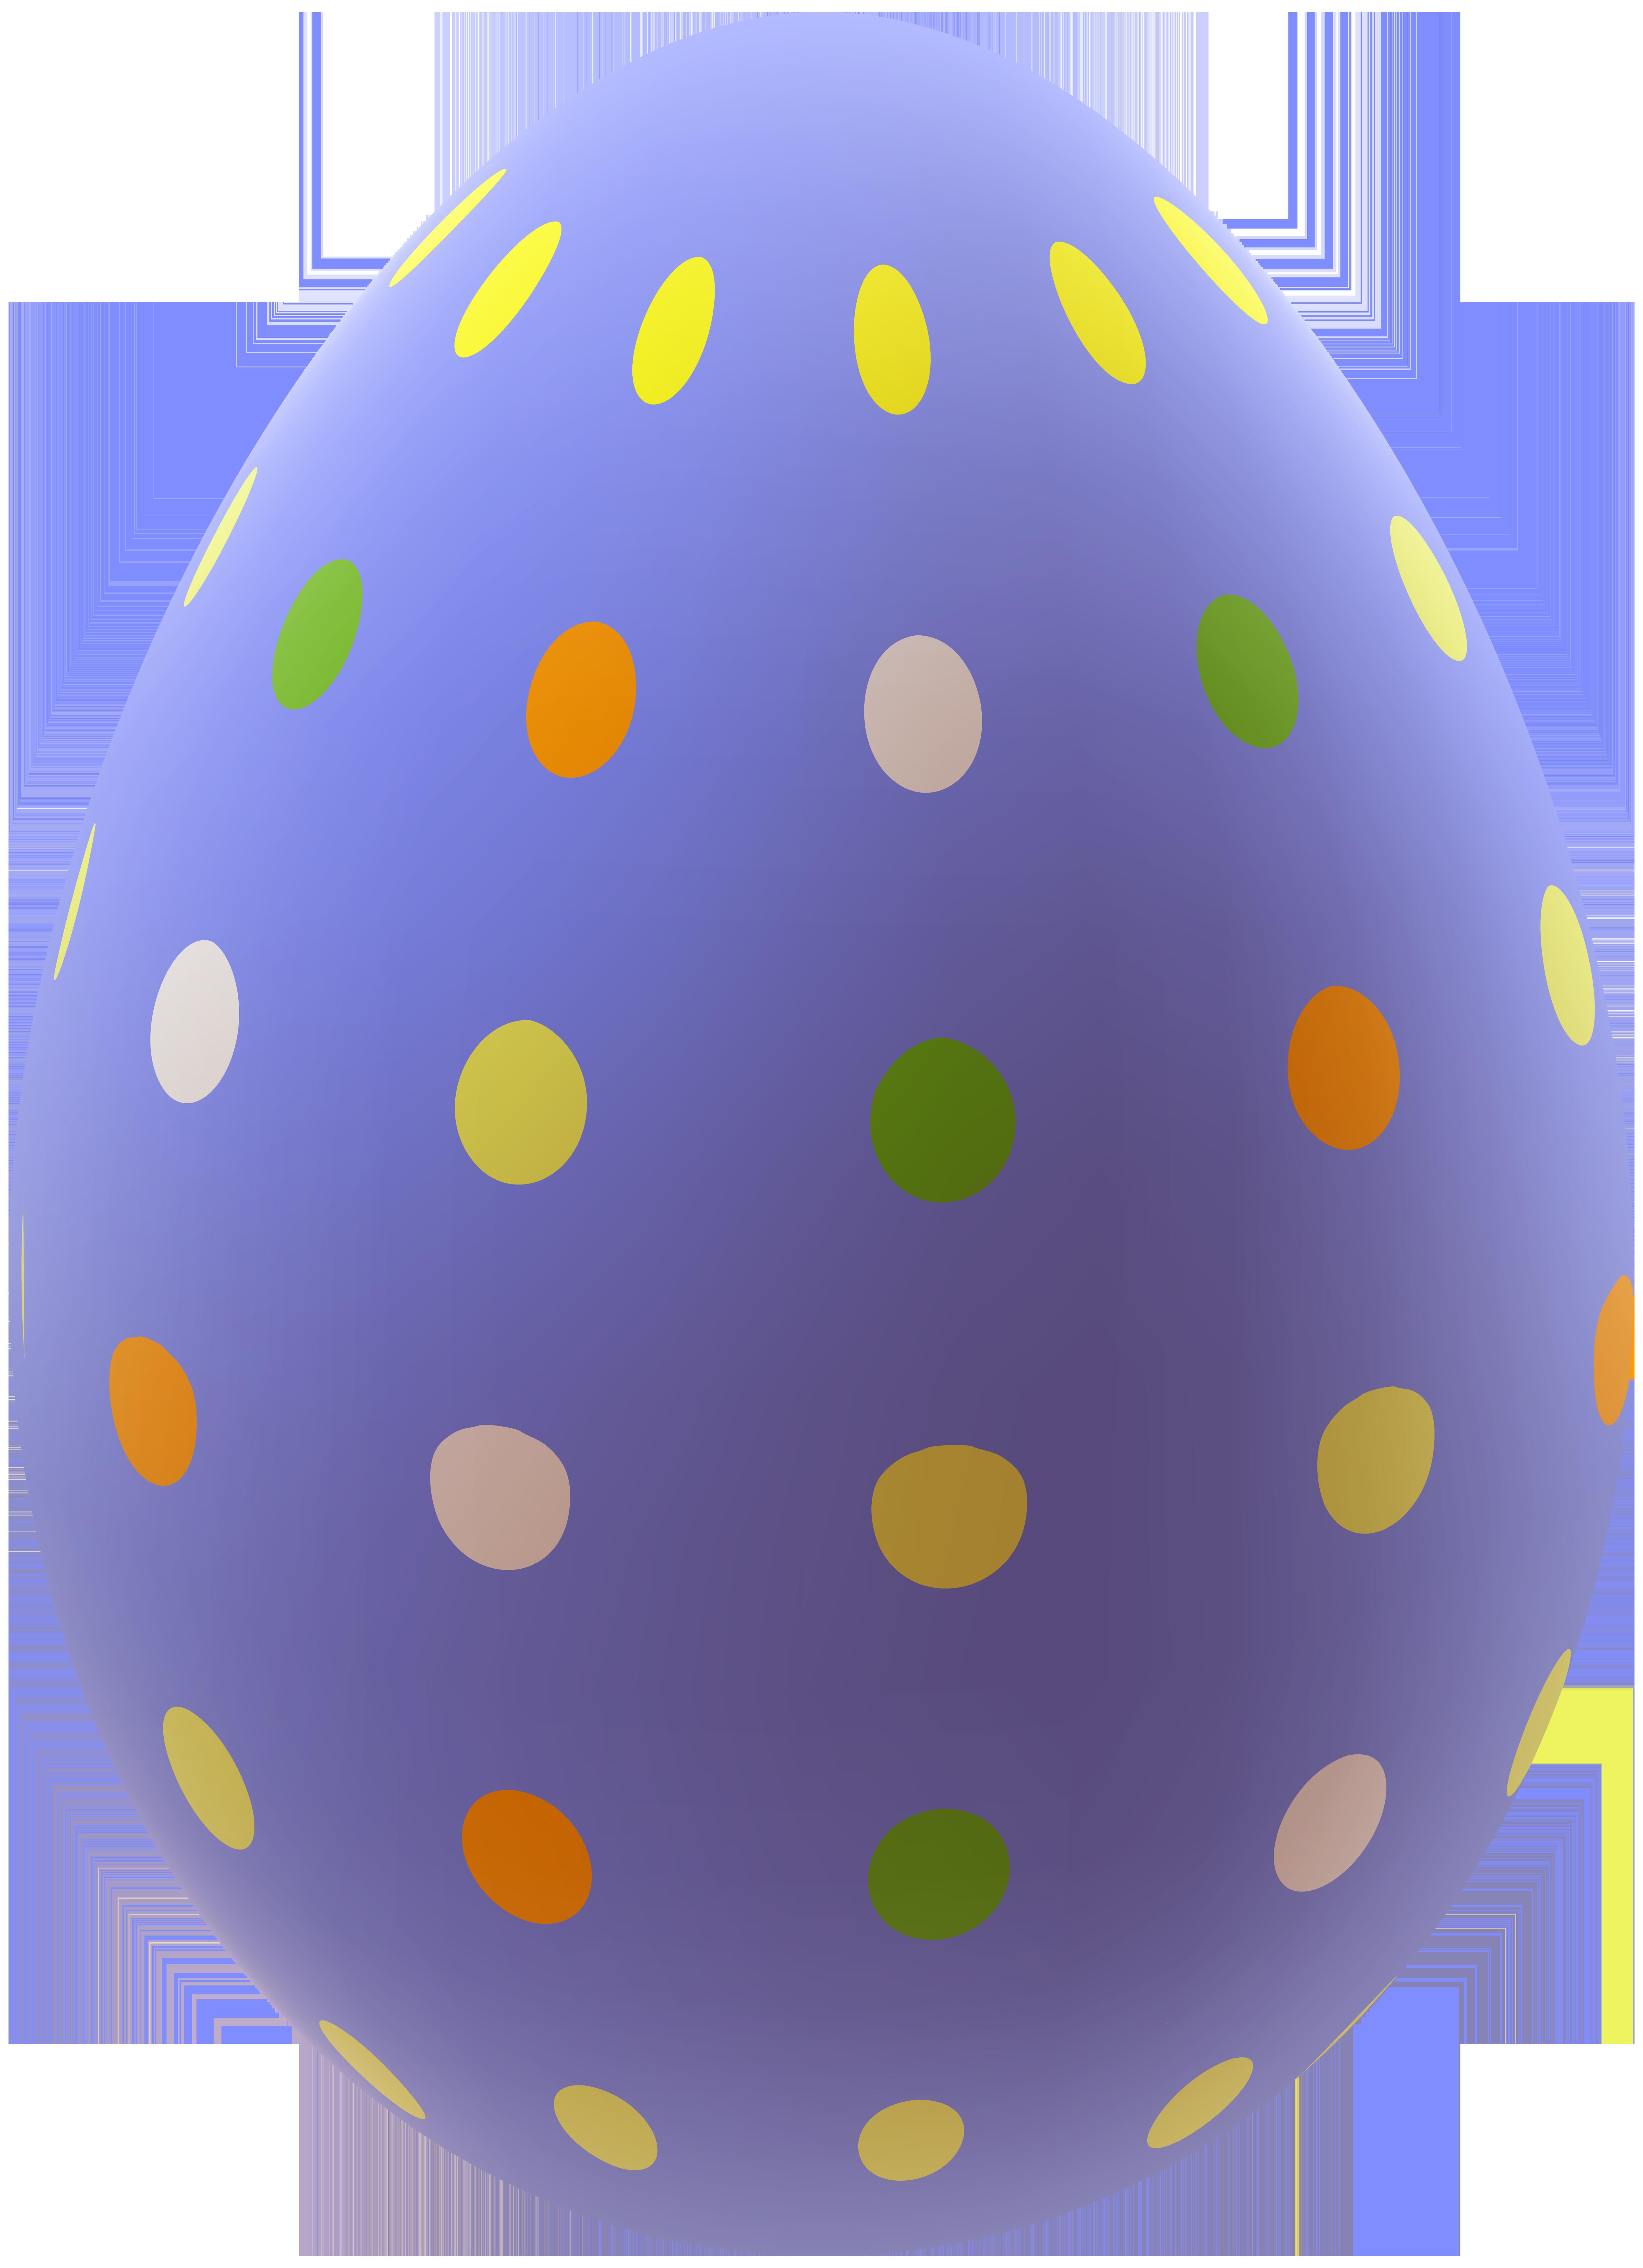 Easter Egg PNG Clip Art Image.